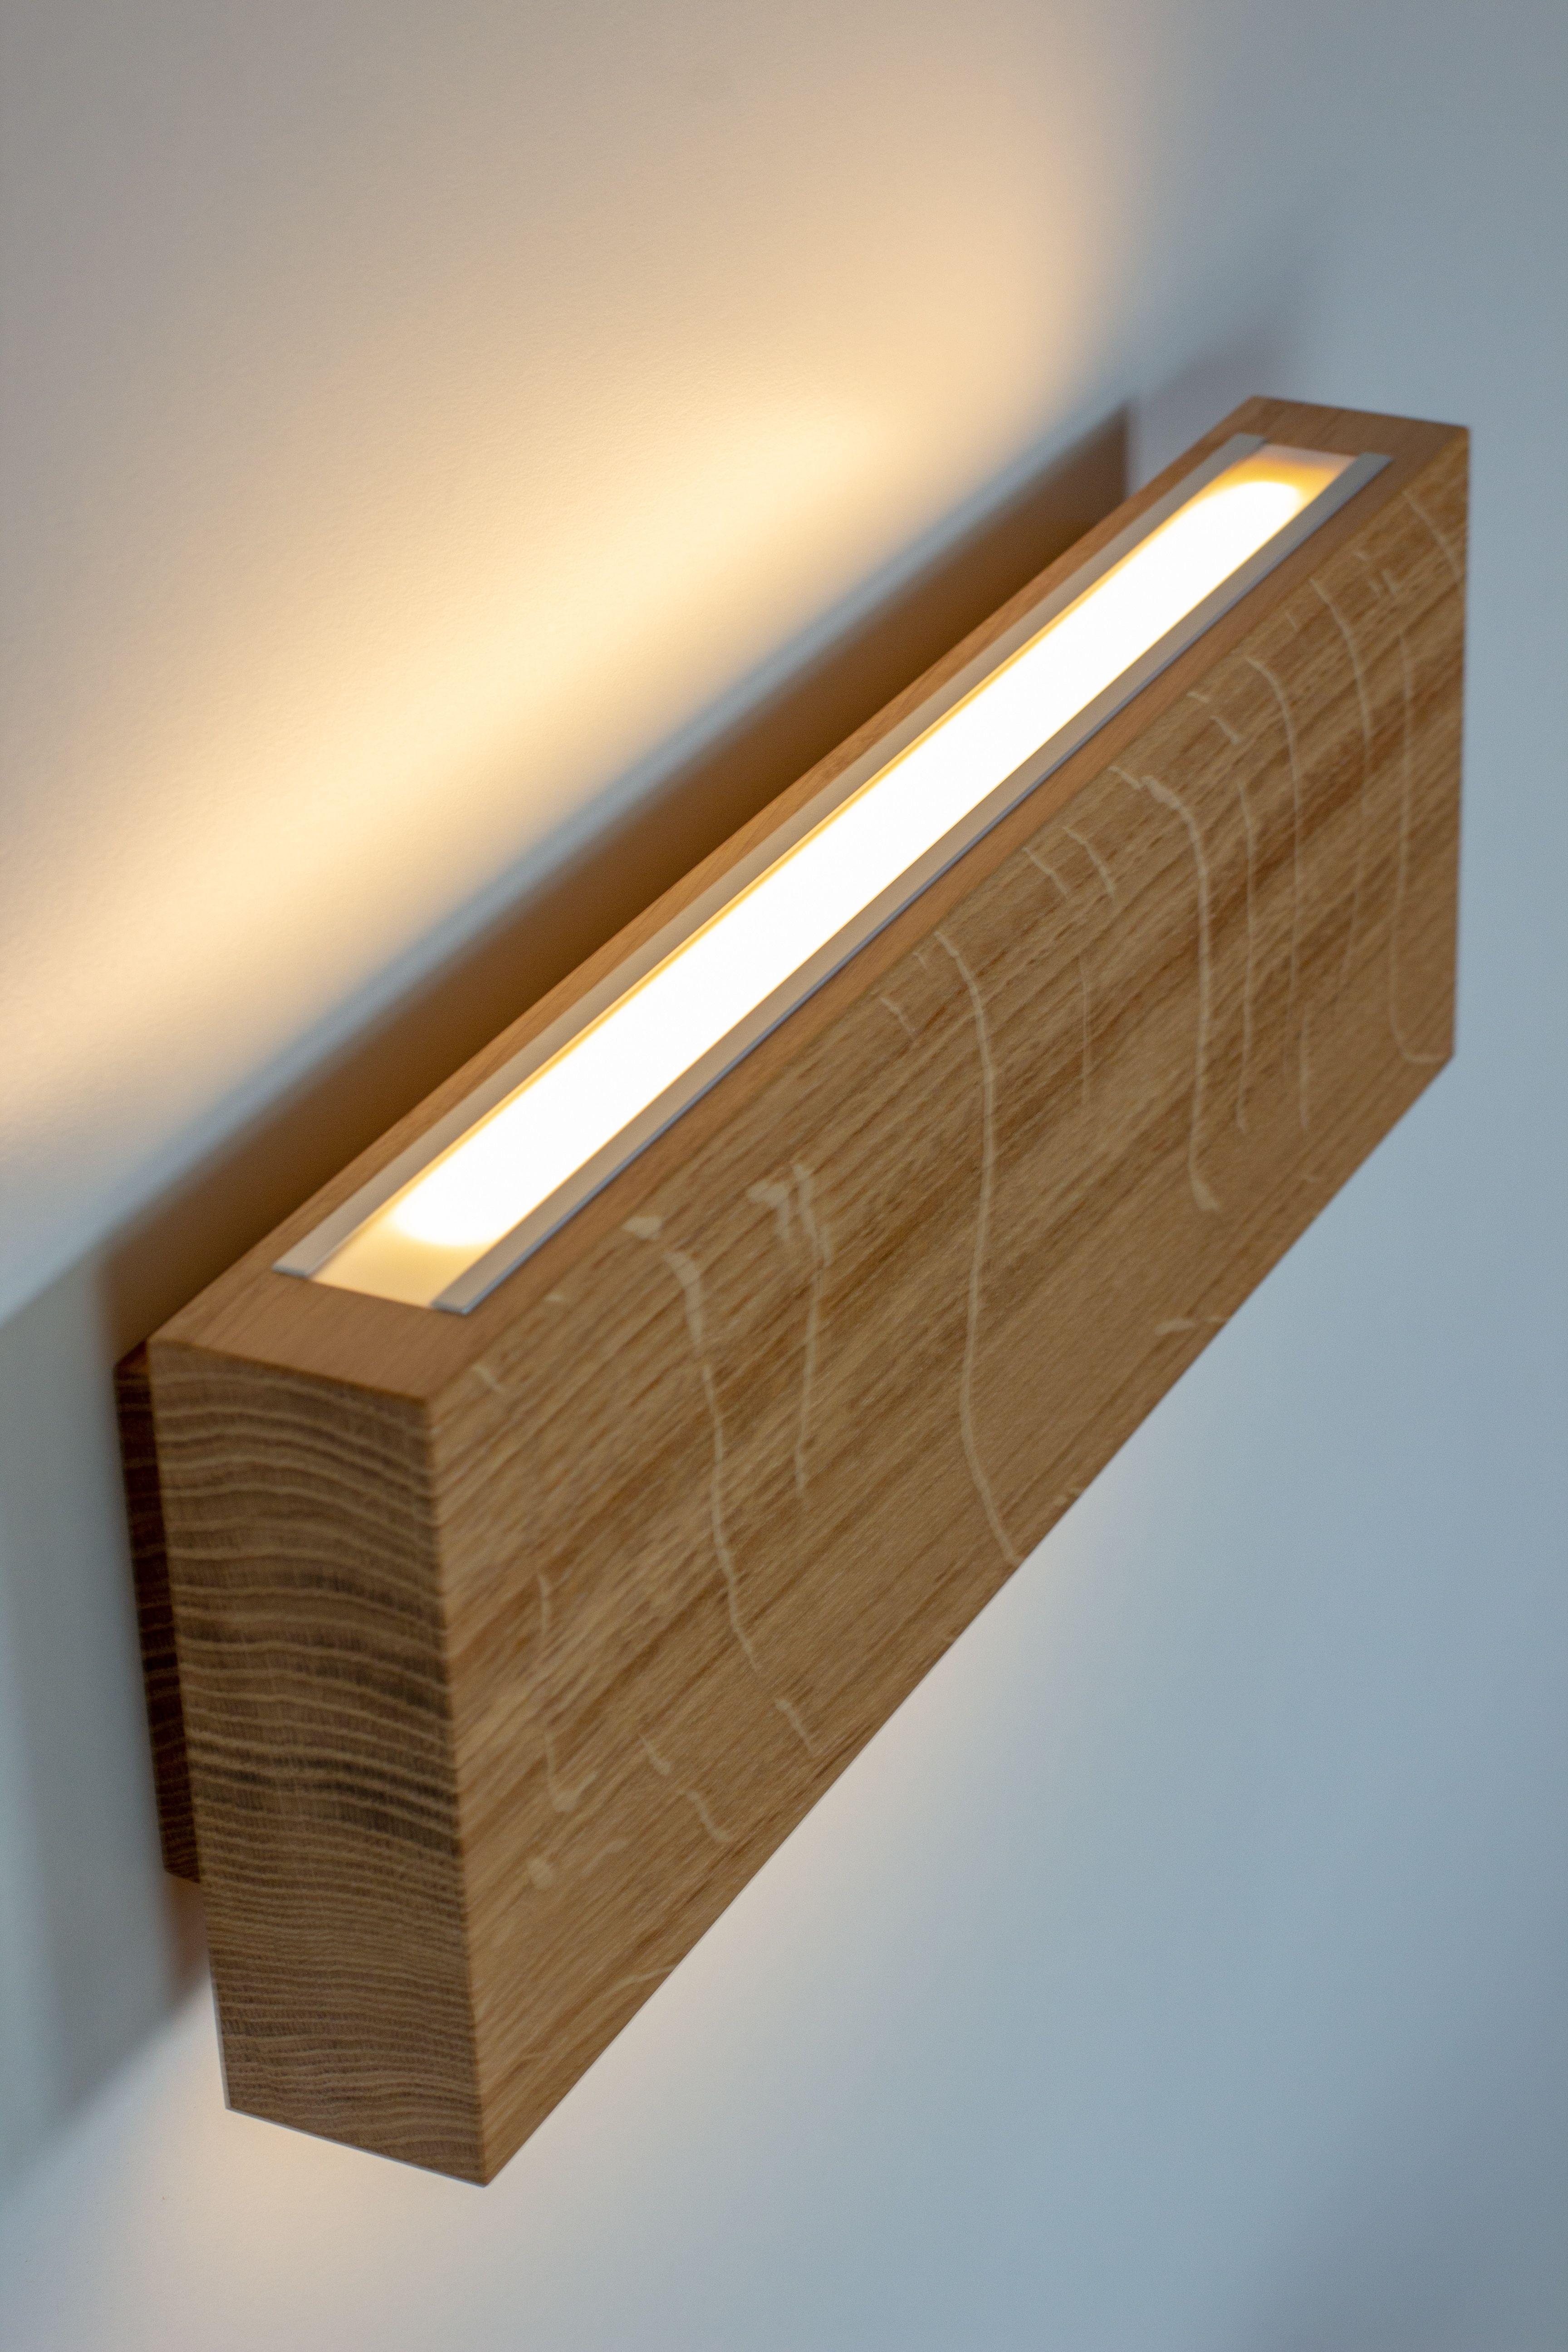 Wandleuchte Eiche Rechteck Wall Lights Solid Oak Wall Lamp